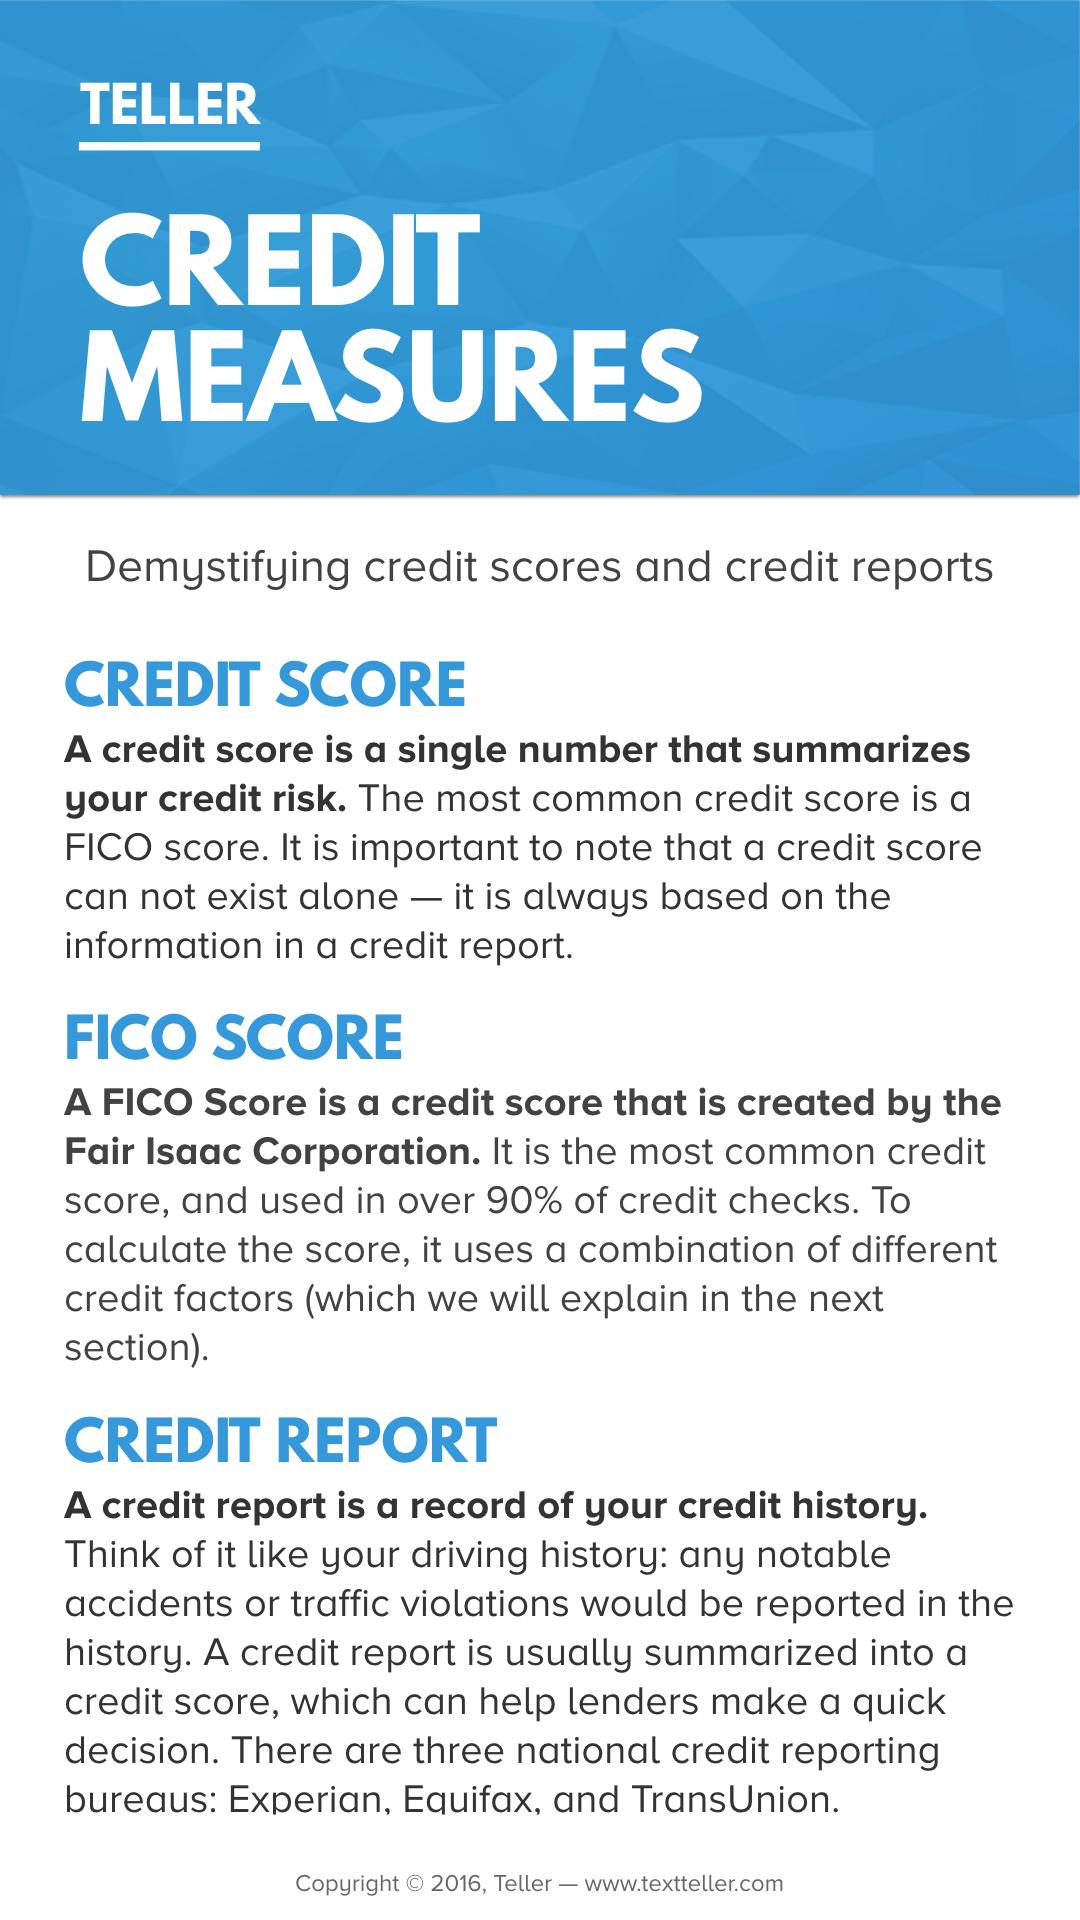 teller_credit_measures.png